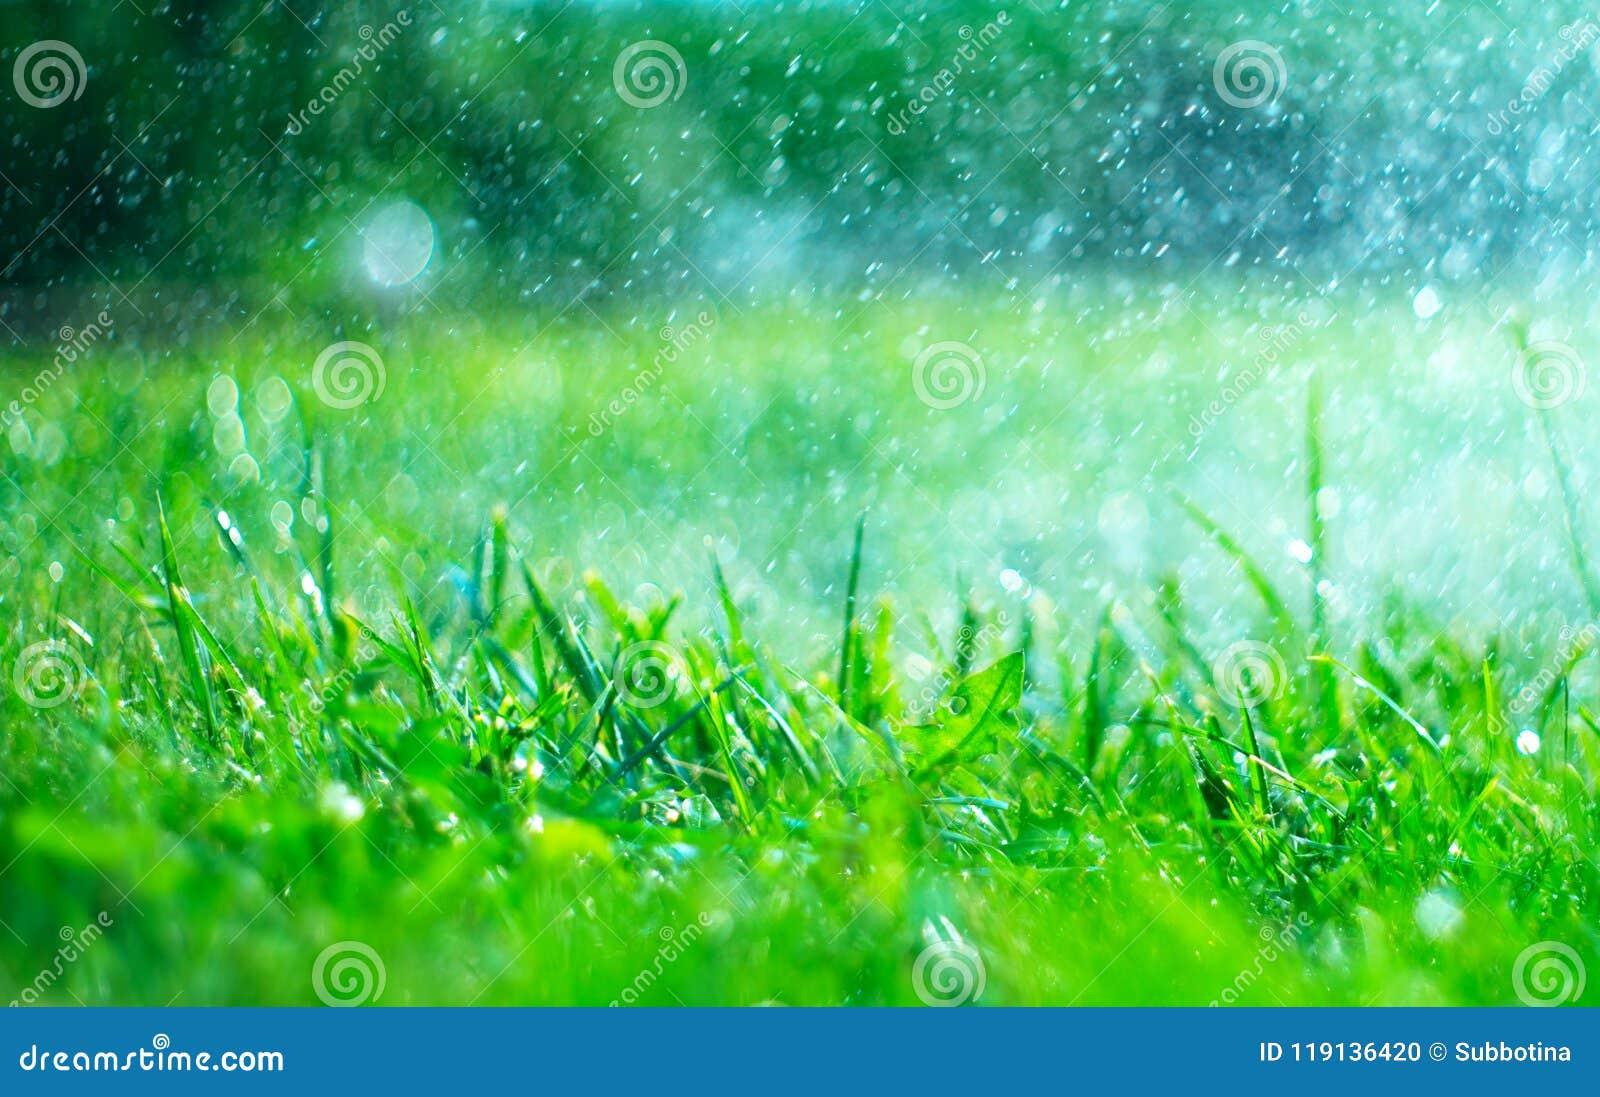 Gras mit Regentropfen Bewässerungsrasen Regen Unscharfer Hintergrund des grünen Grases mit Wasser lässt Nahaufnahme fallen nave u